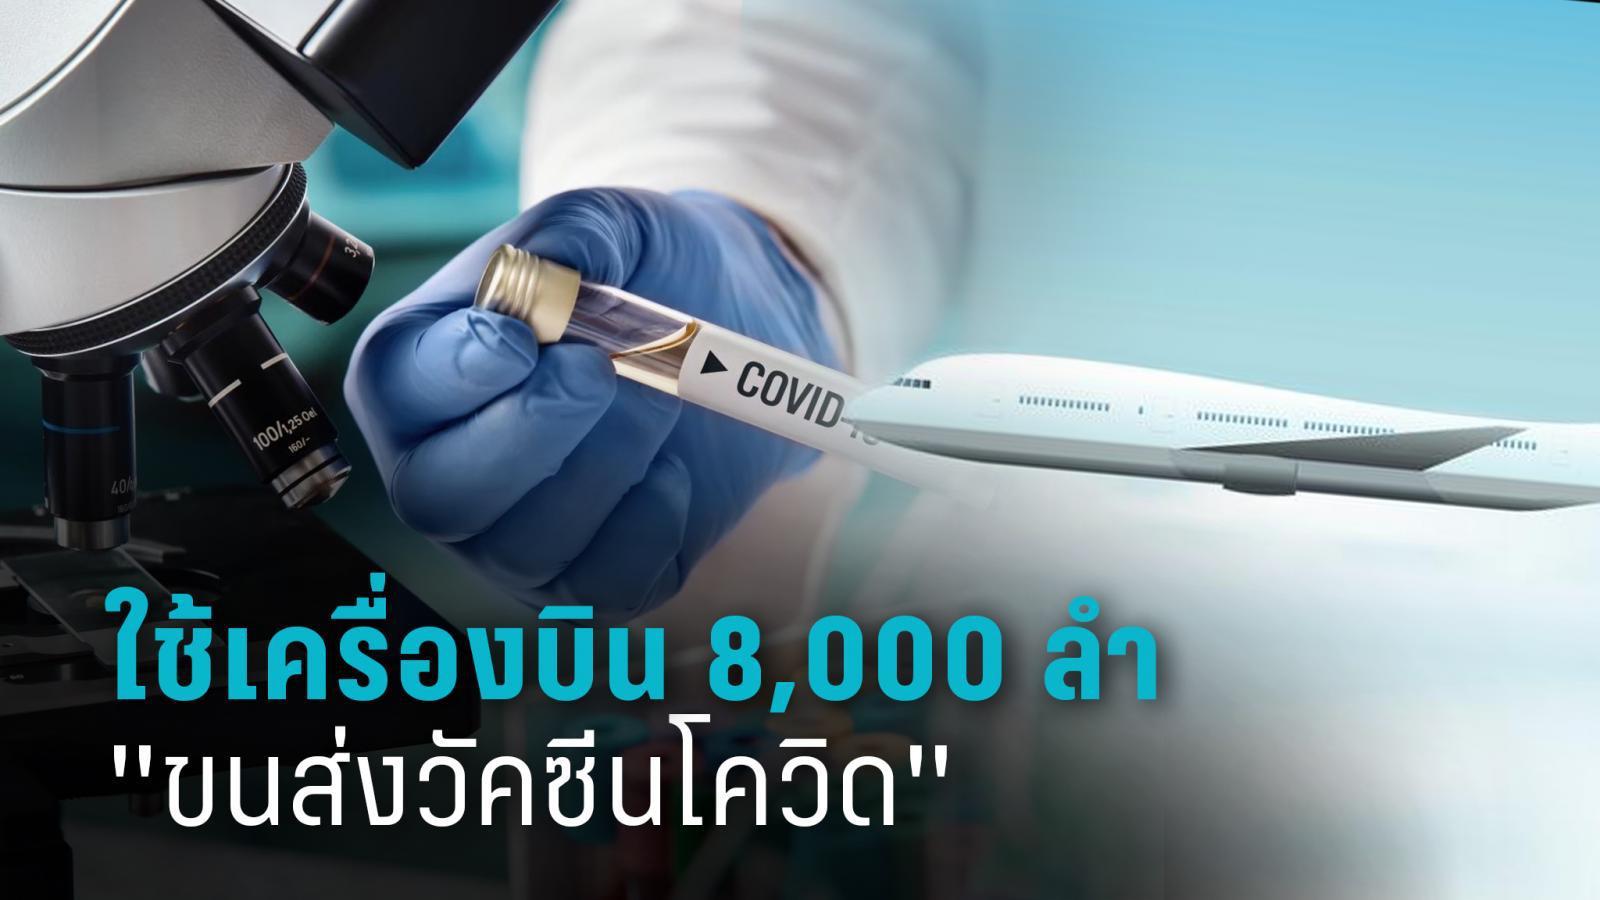 คาดใช้เครื่องบินบรรทุกสินค้า 8,000 ลำ เพื่อขนส่งวัคซีนโควิด-19 ไปทั่วโลก